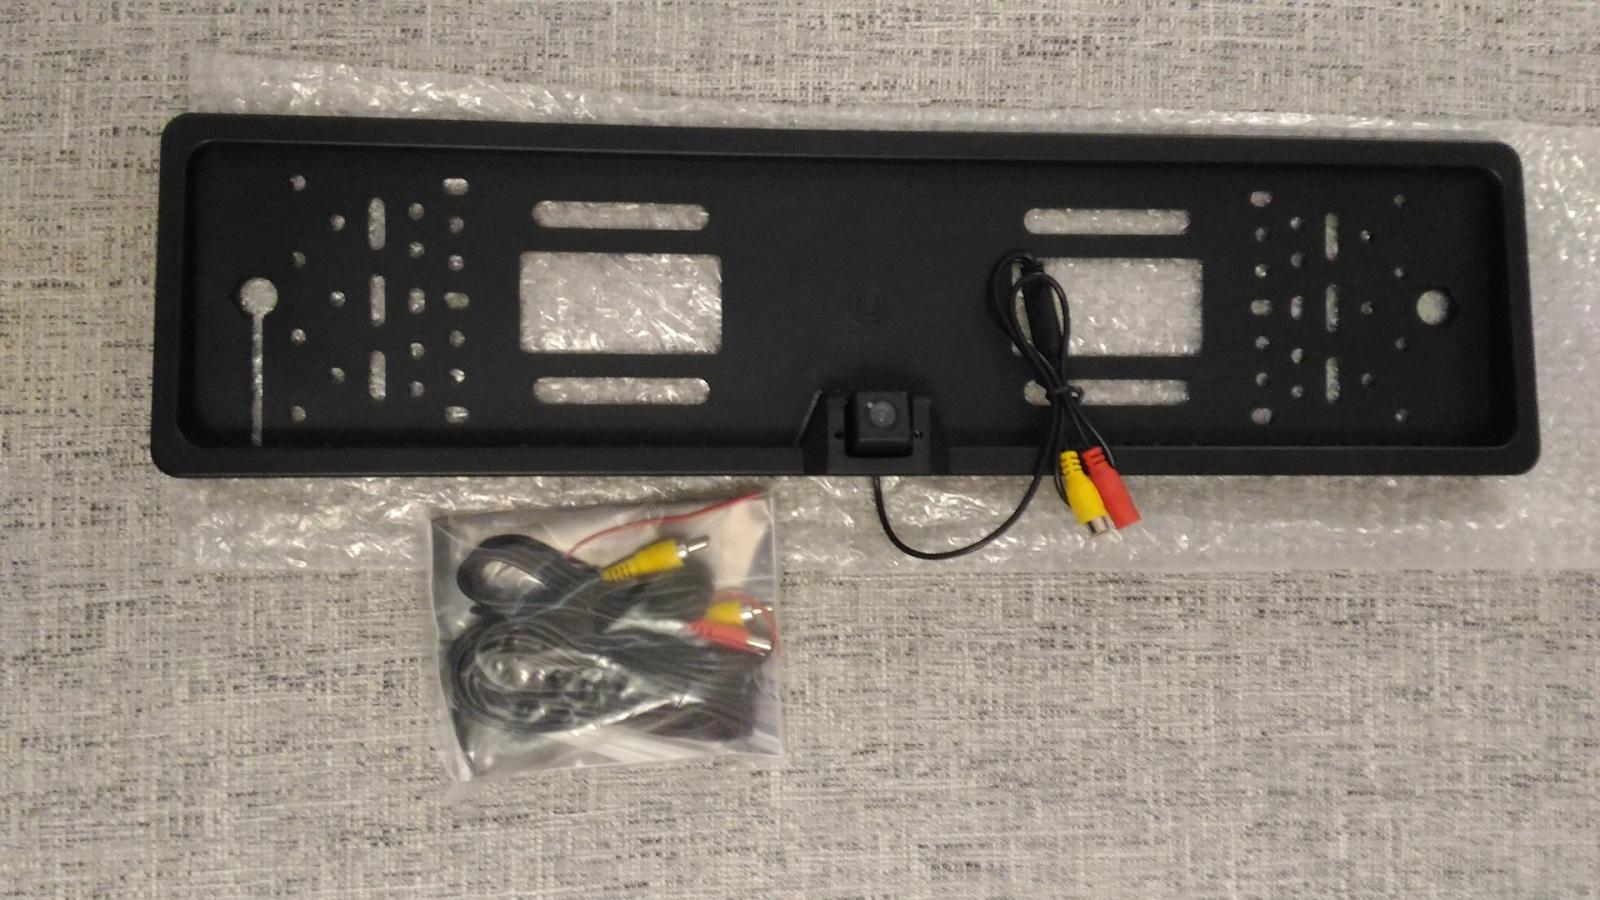 Камера JX-9488 для номерного знака с подсветкой